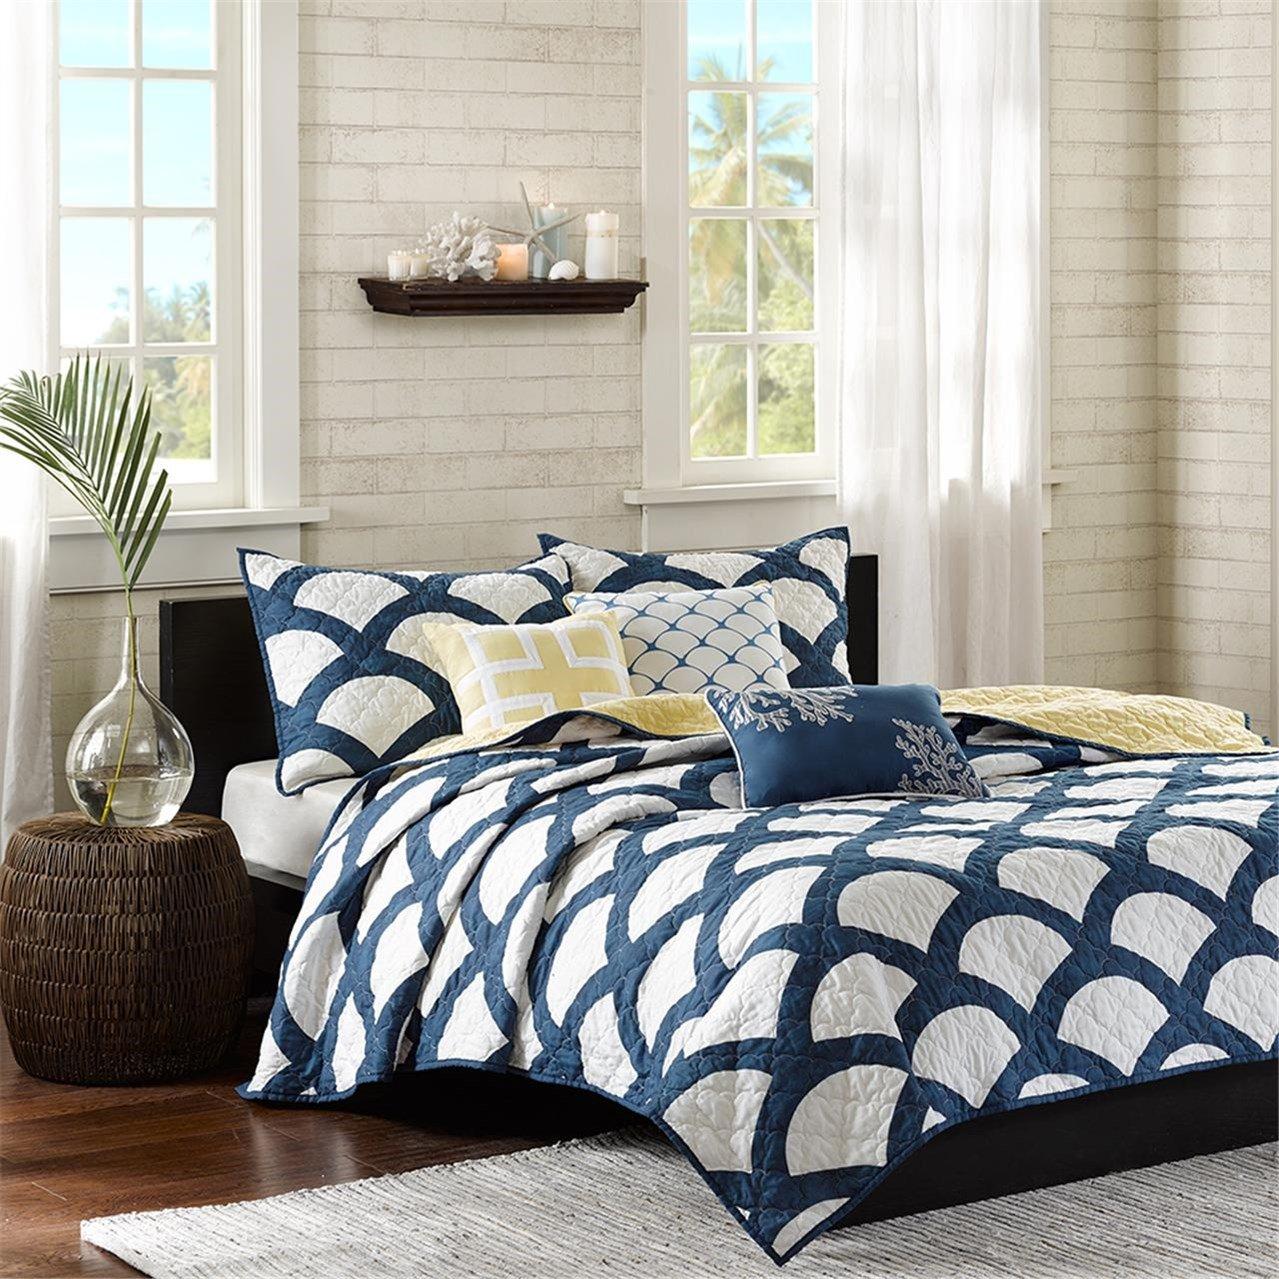 ブルーArches Coverlet寝具セット、Includes 6ピース/ソフトNavyブルーベッドスプレッド、クイーンサイズ B017UW27QA